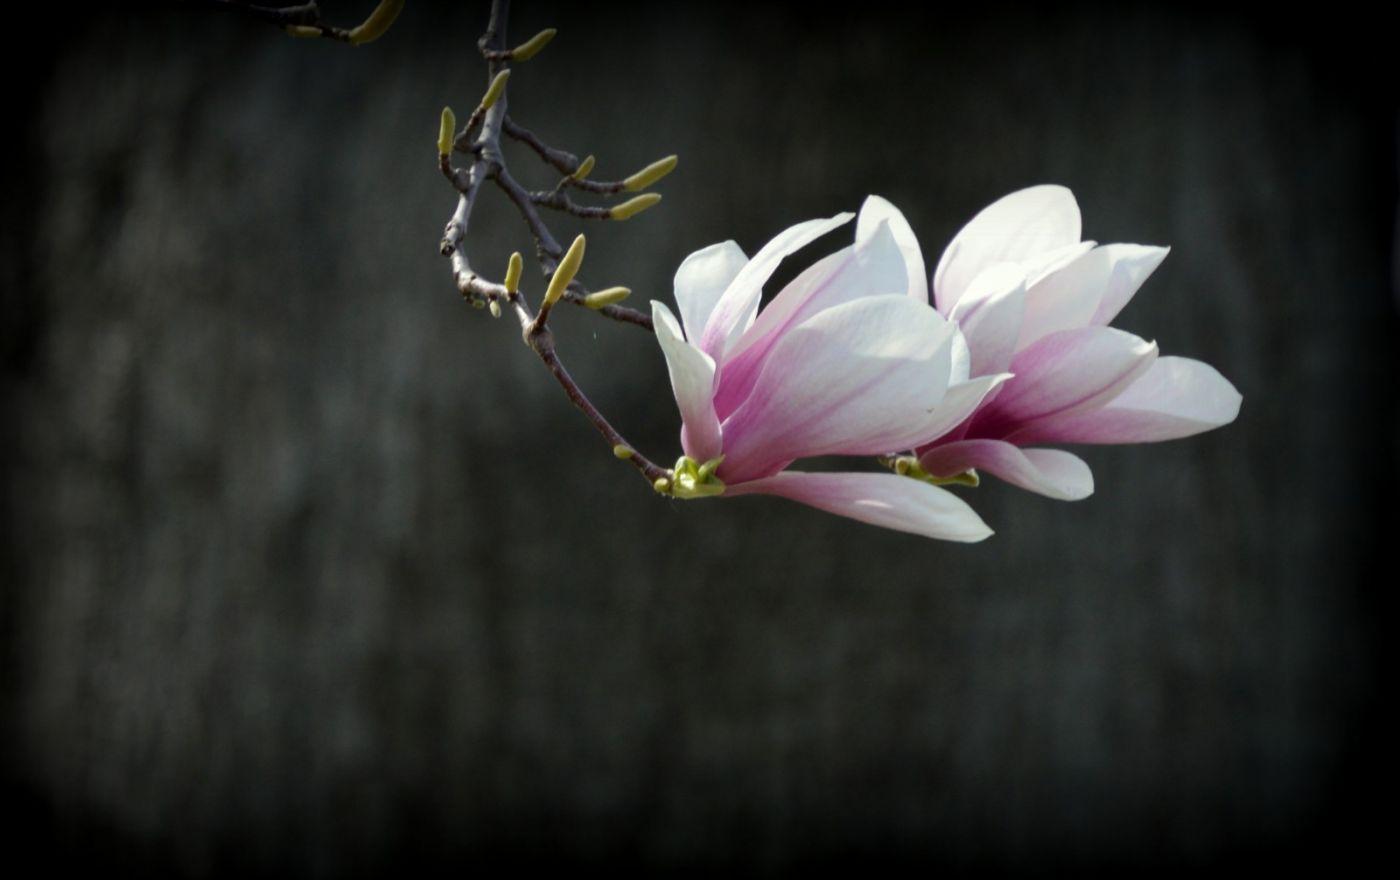 木兰花盛开_图1-15